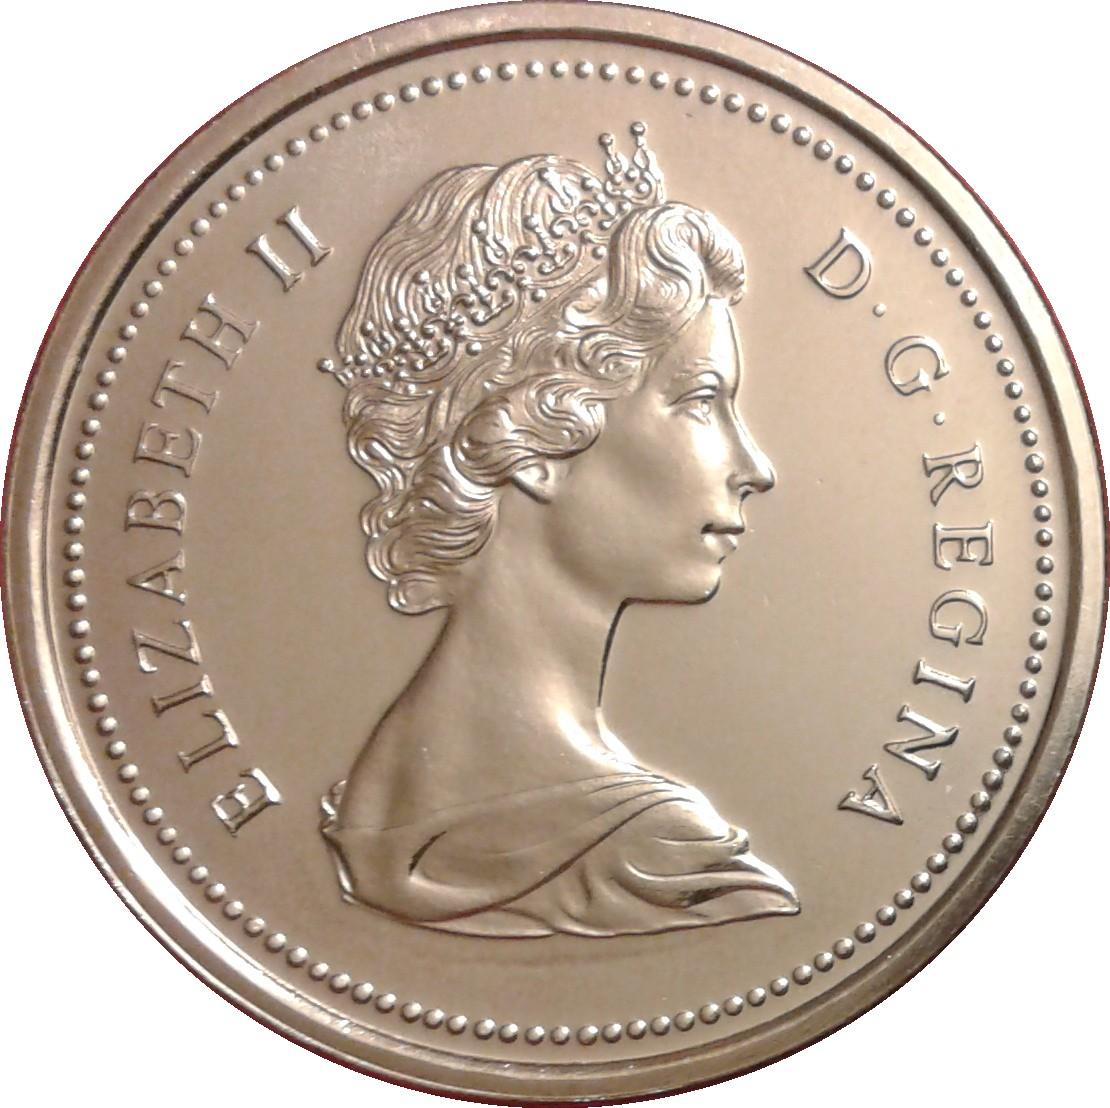 1 Coin 1971 Dollar Canada Canadian Dollar Nice